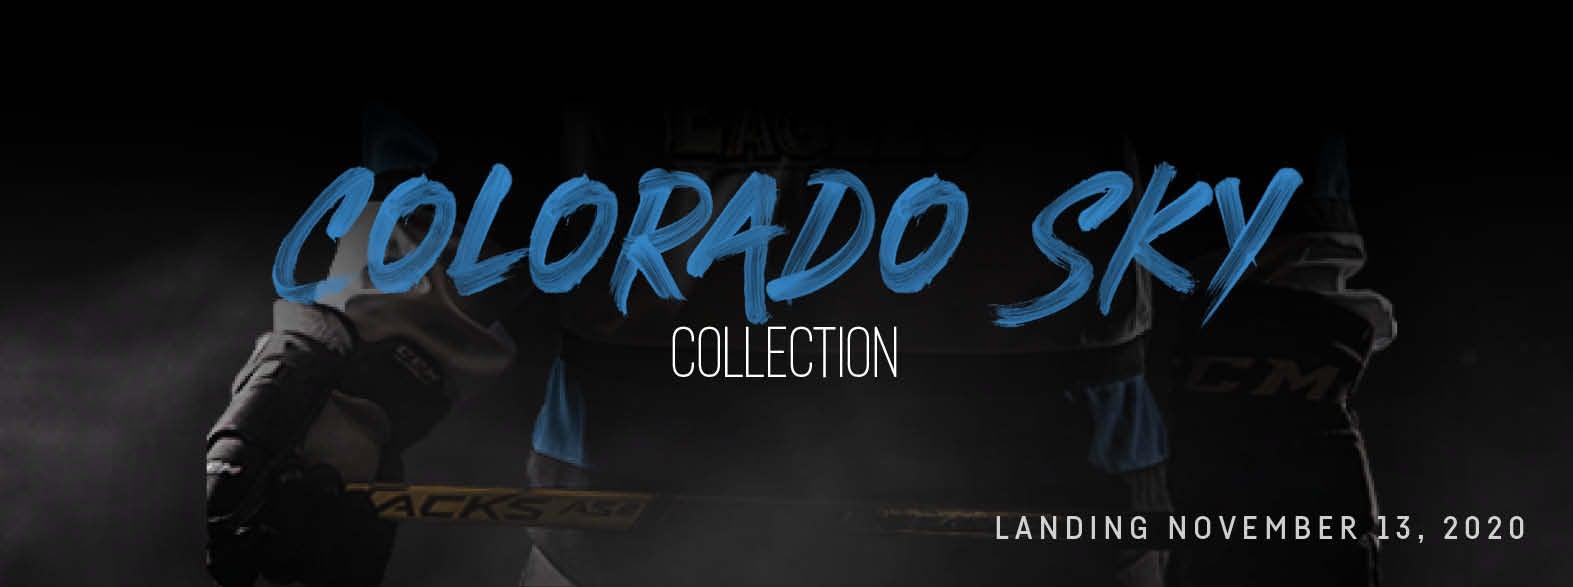 Colorado Sky Collection Landing November 13